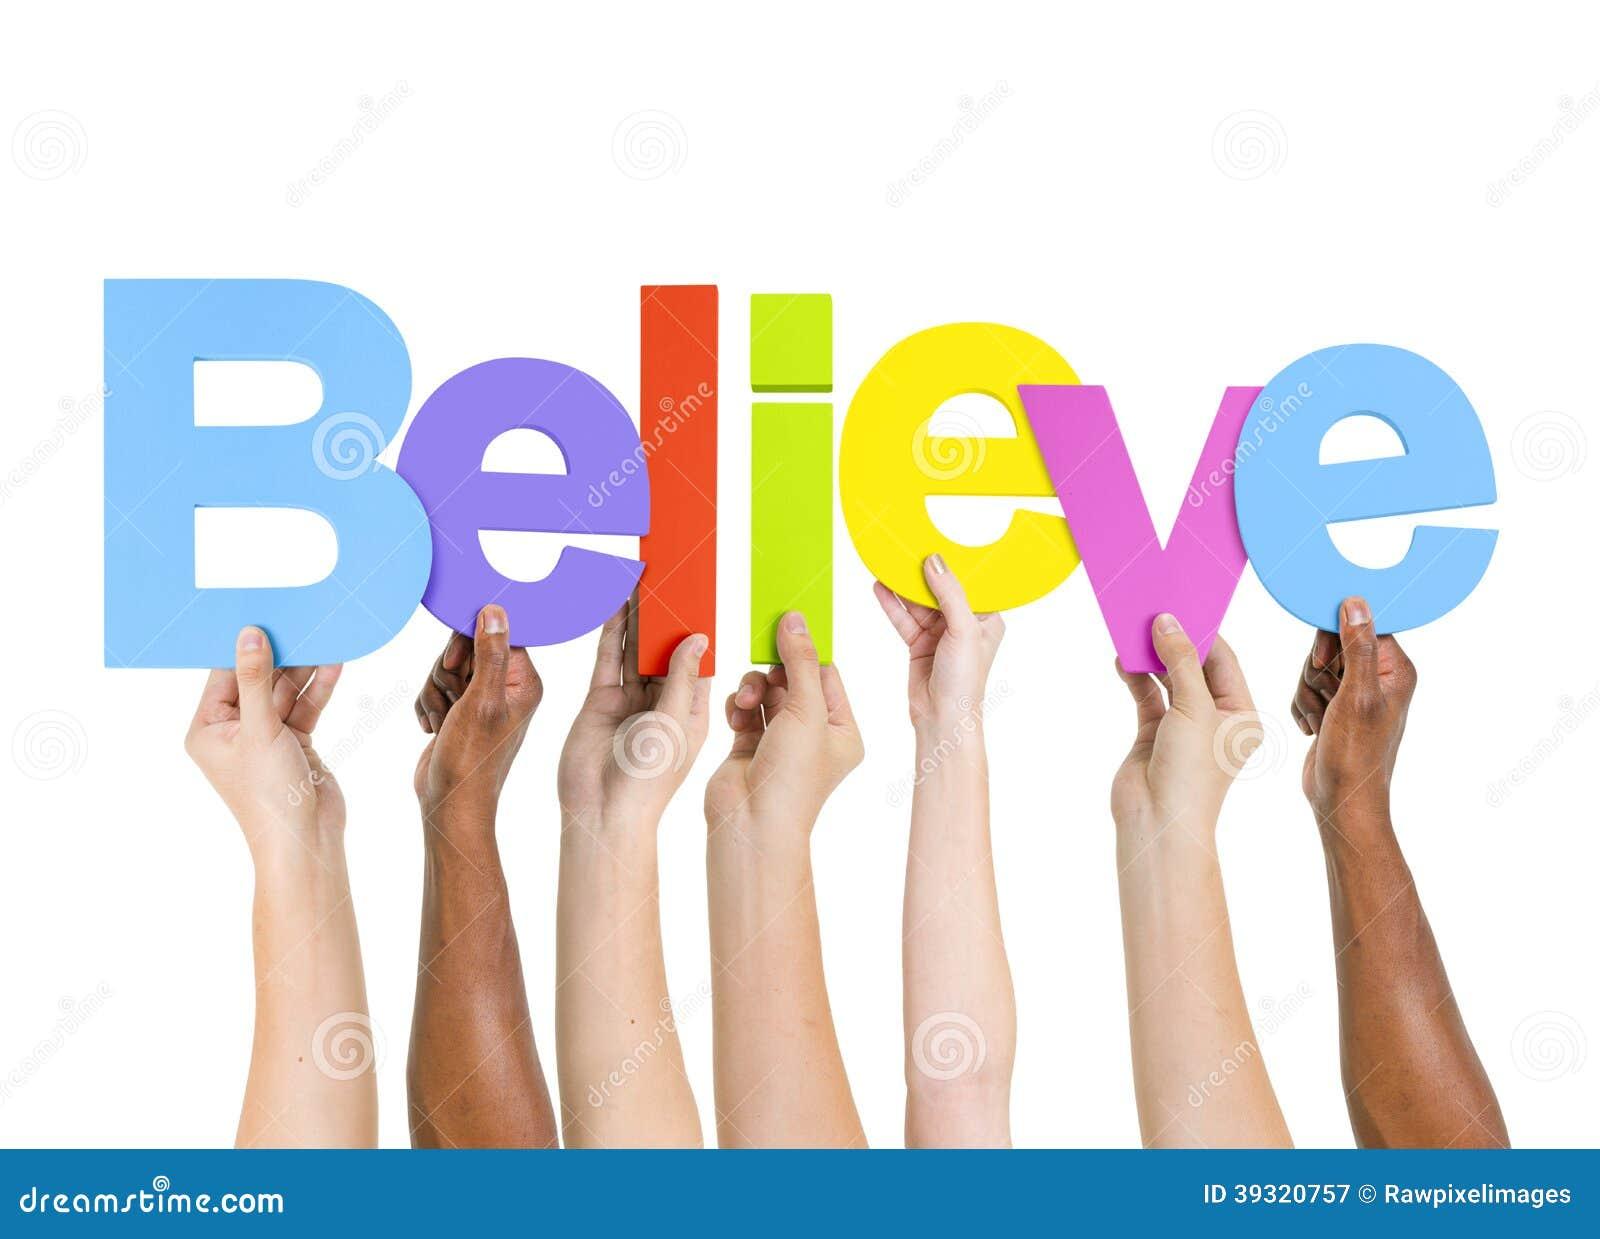 word believe holding ethnic multi